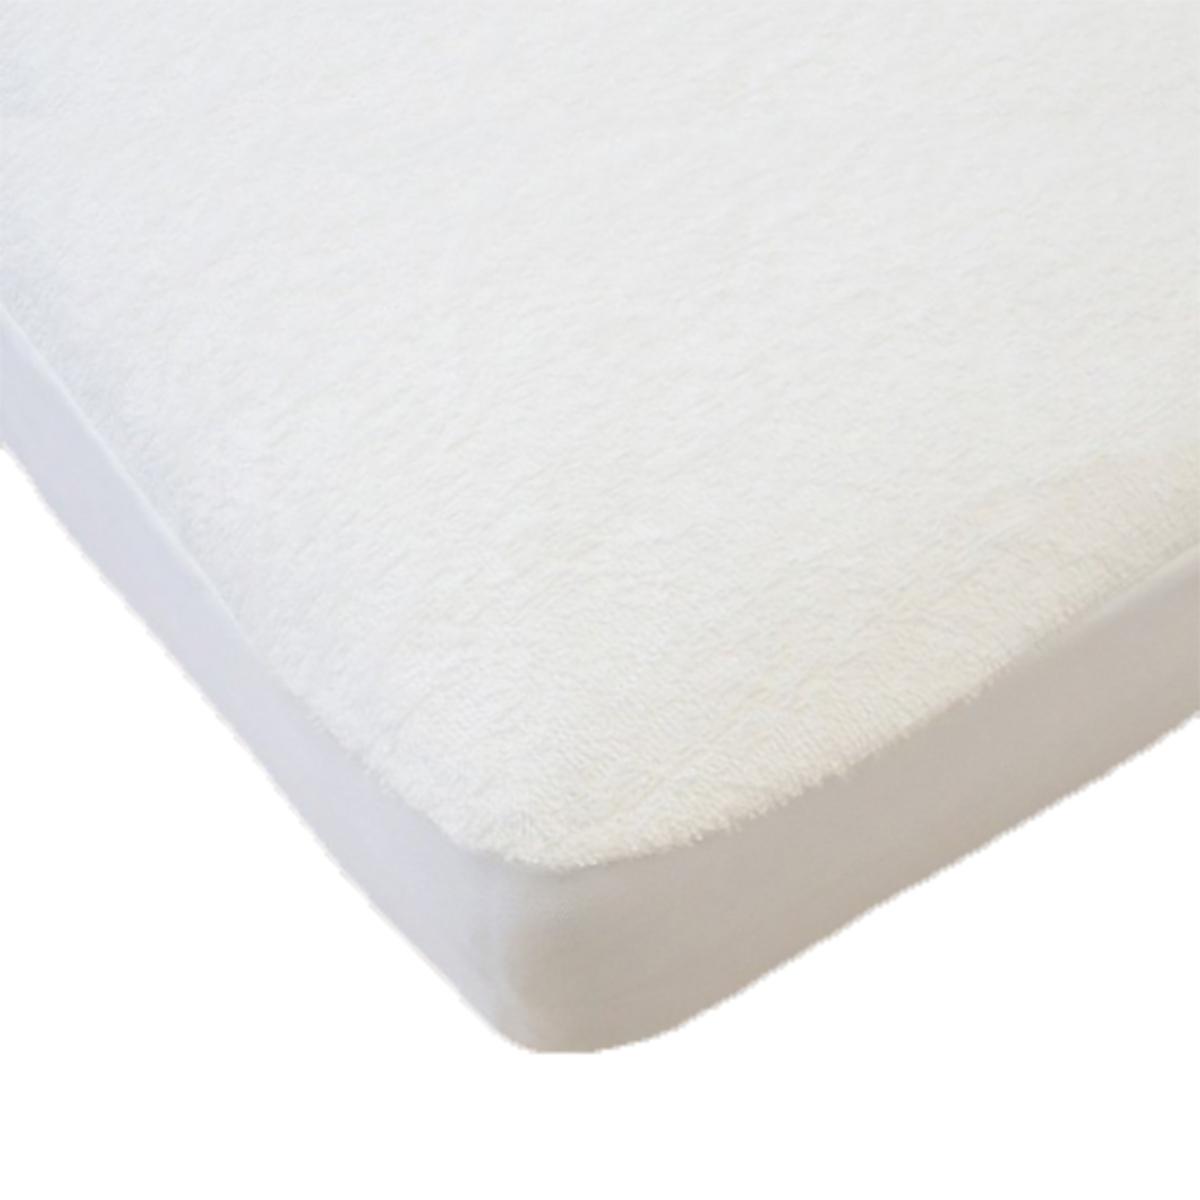 Linge de lit Alèse Coton Bio Blanc - 40 x 80 cm Alèse Coton Bio Blanc - 40 x 80 cm